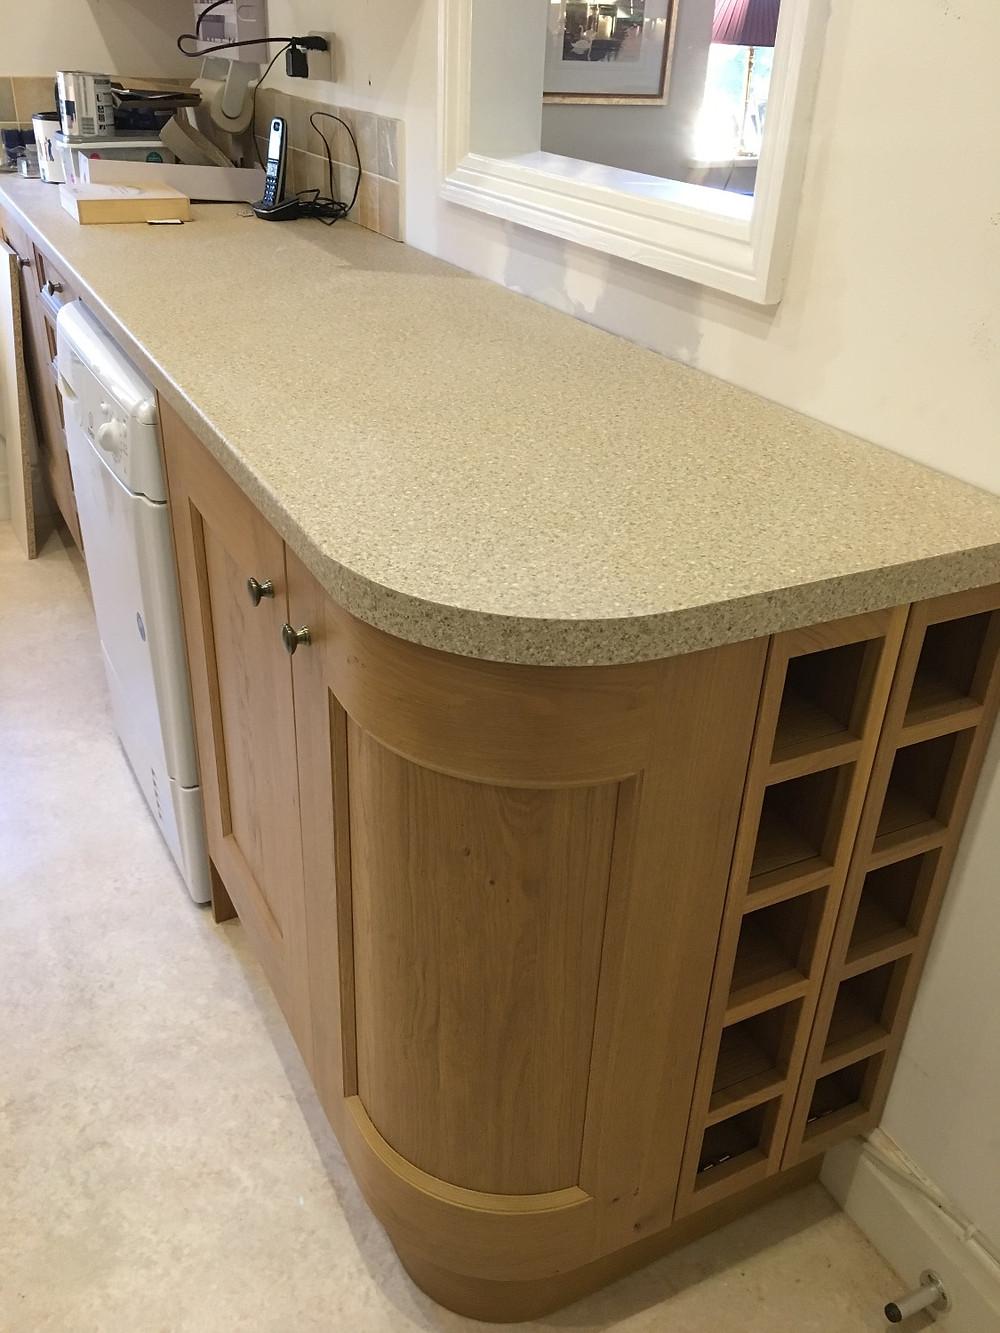 SPB Carpentry in Dorchester